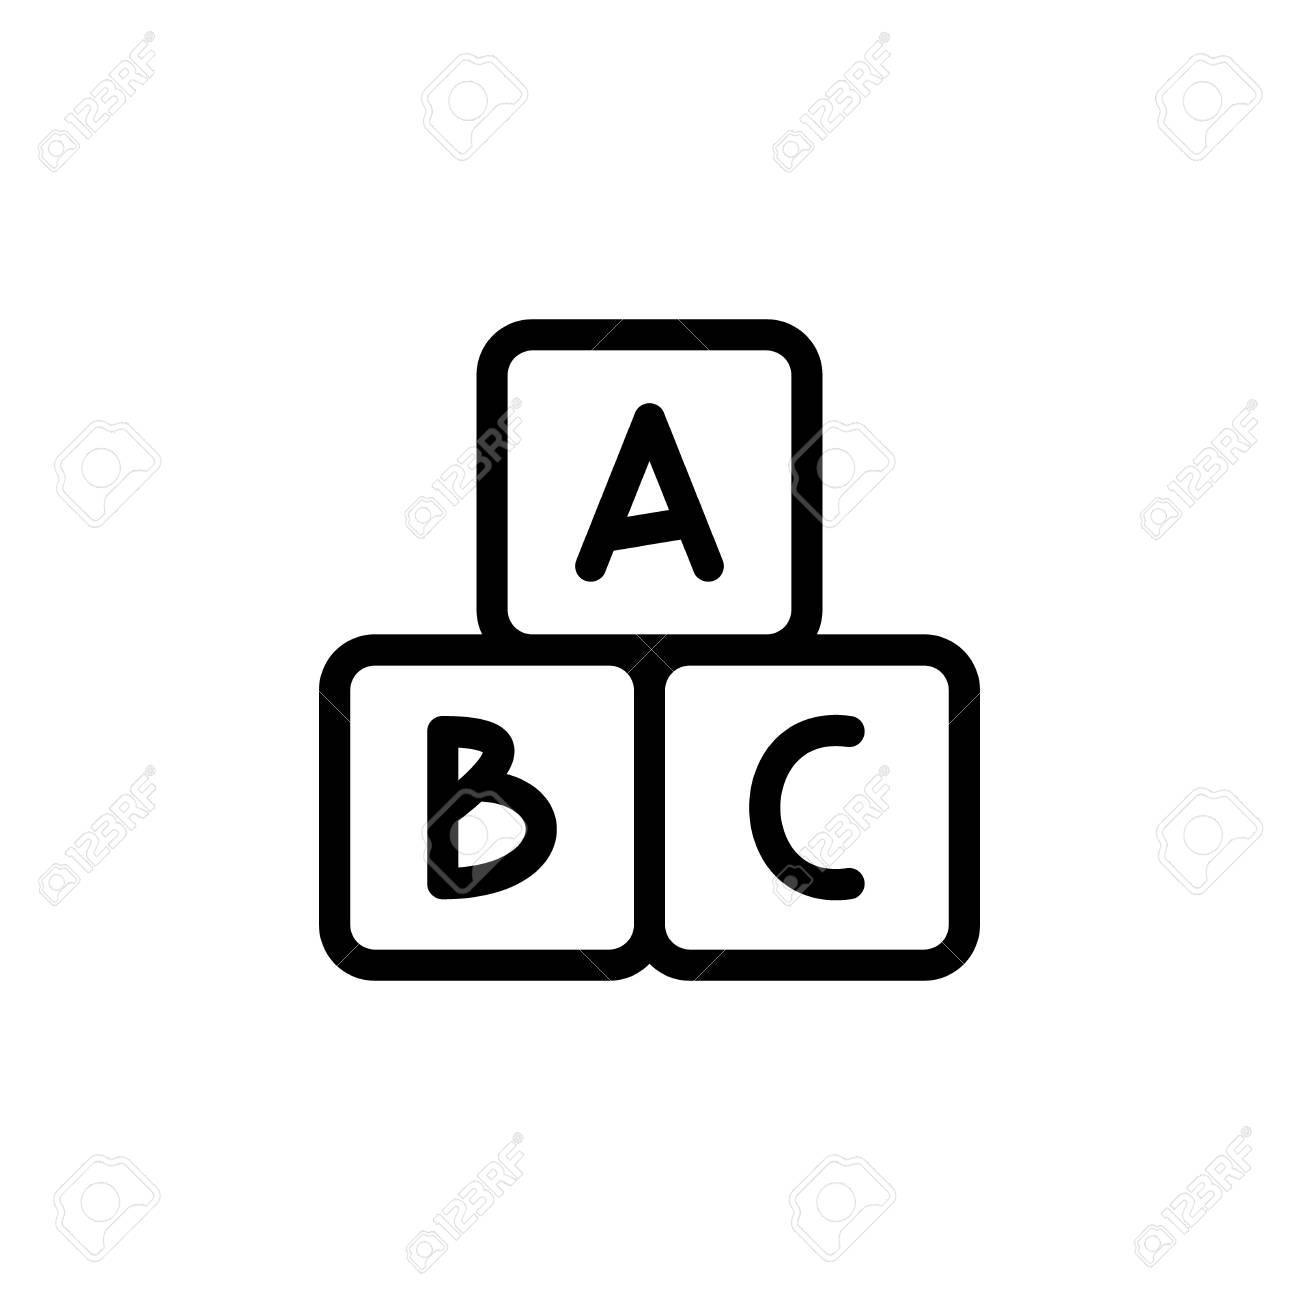 Icône De Fine Ligne Cubes Alphabet. Contour Symbole Bébé Développement D'un  Jeu Pour La Conception De Webstie Et Applications Mobiles Pour Enfants. pour Jeux Pour Bébé En Ligne